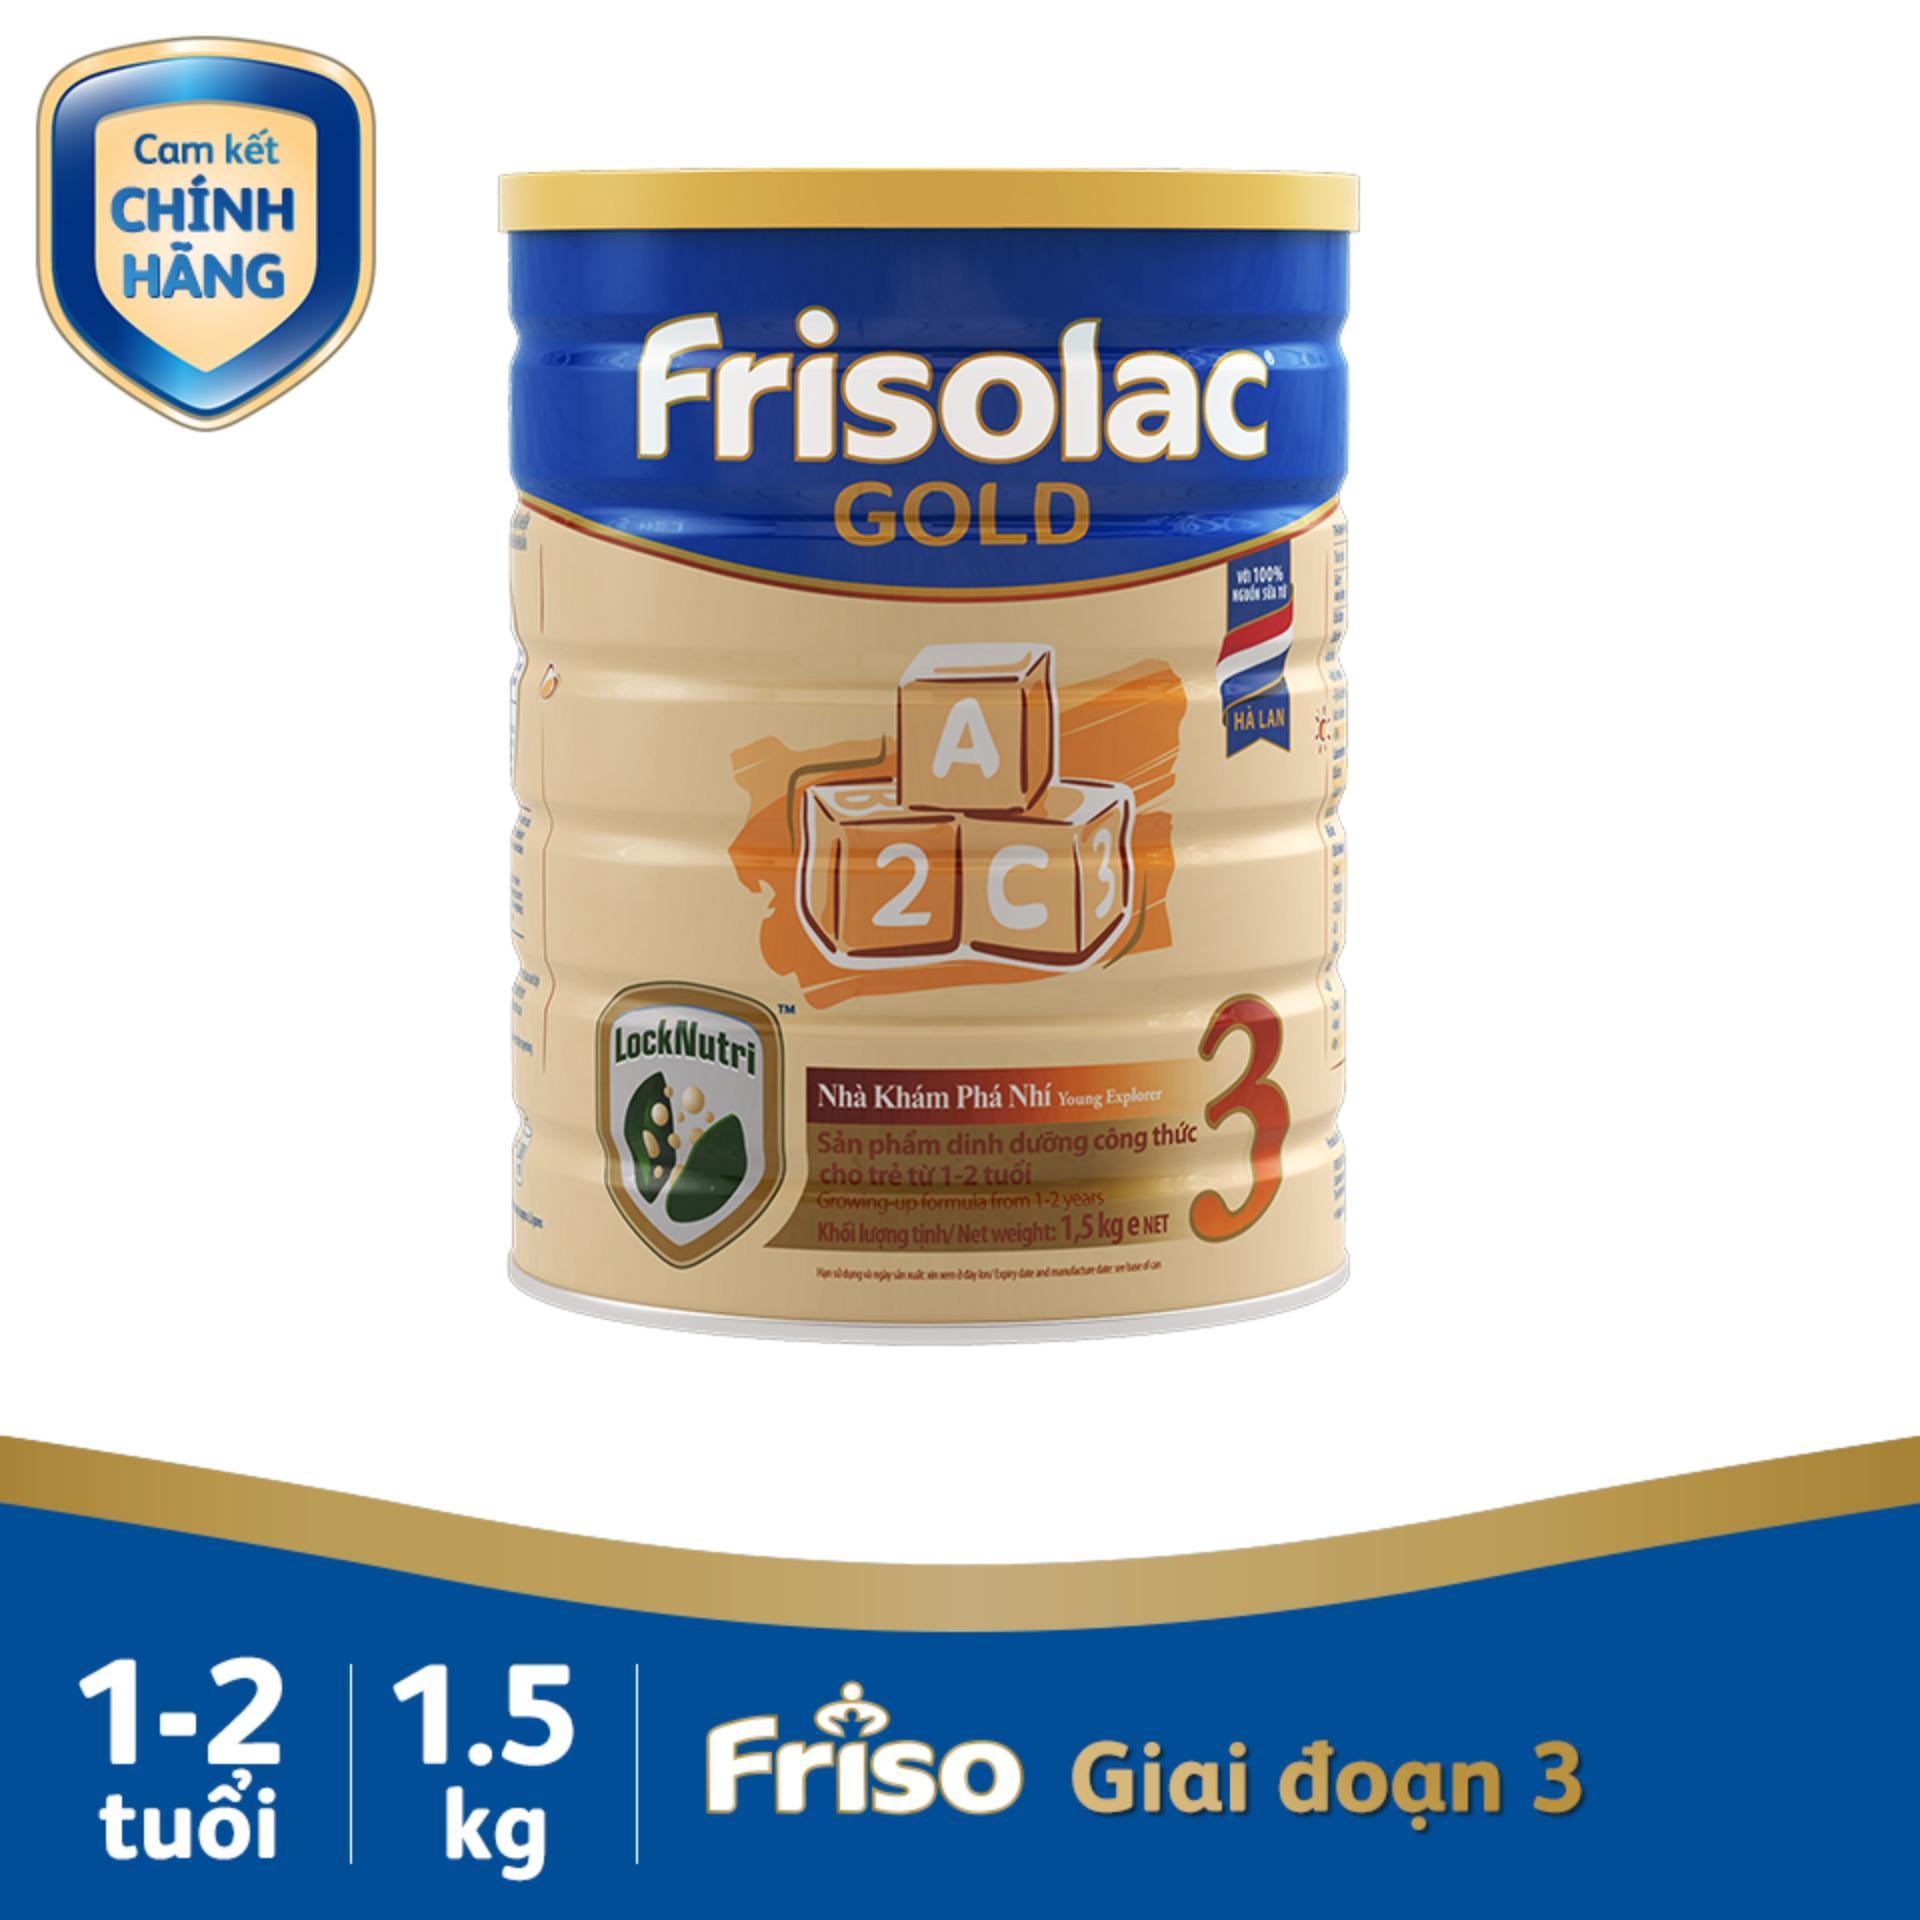 Sữa Bột Friso Gold 3 1500g Chứa Thành Phần Synbiotics Giúp Hỗ Trợ Tiêu Hóa